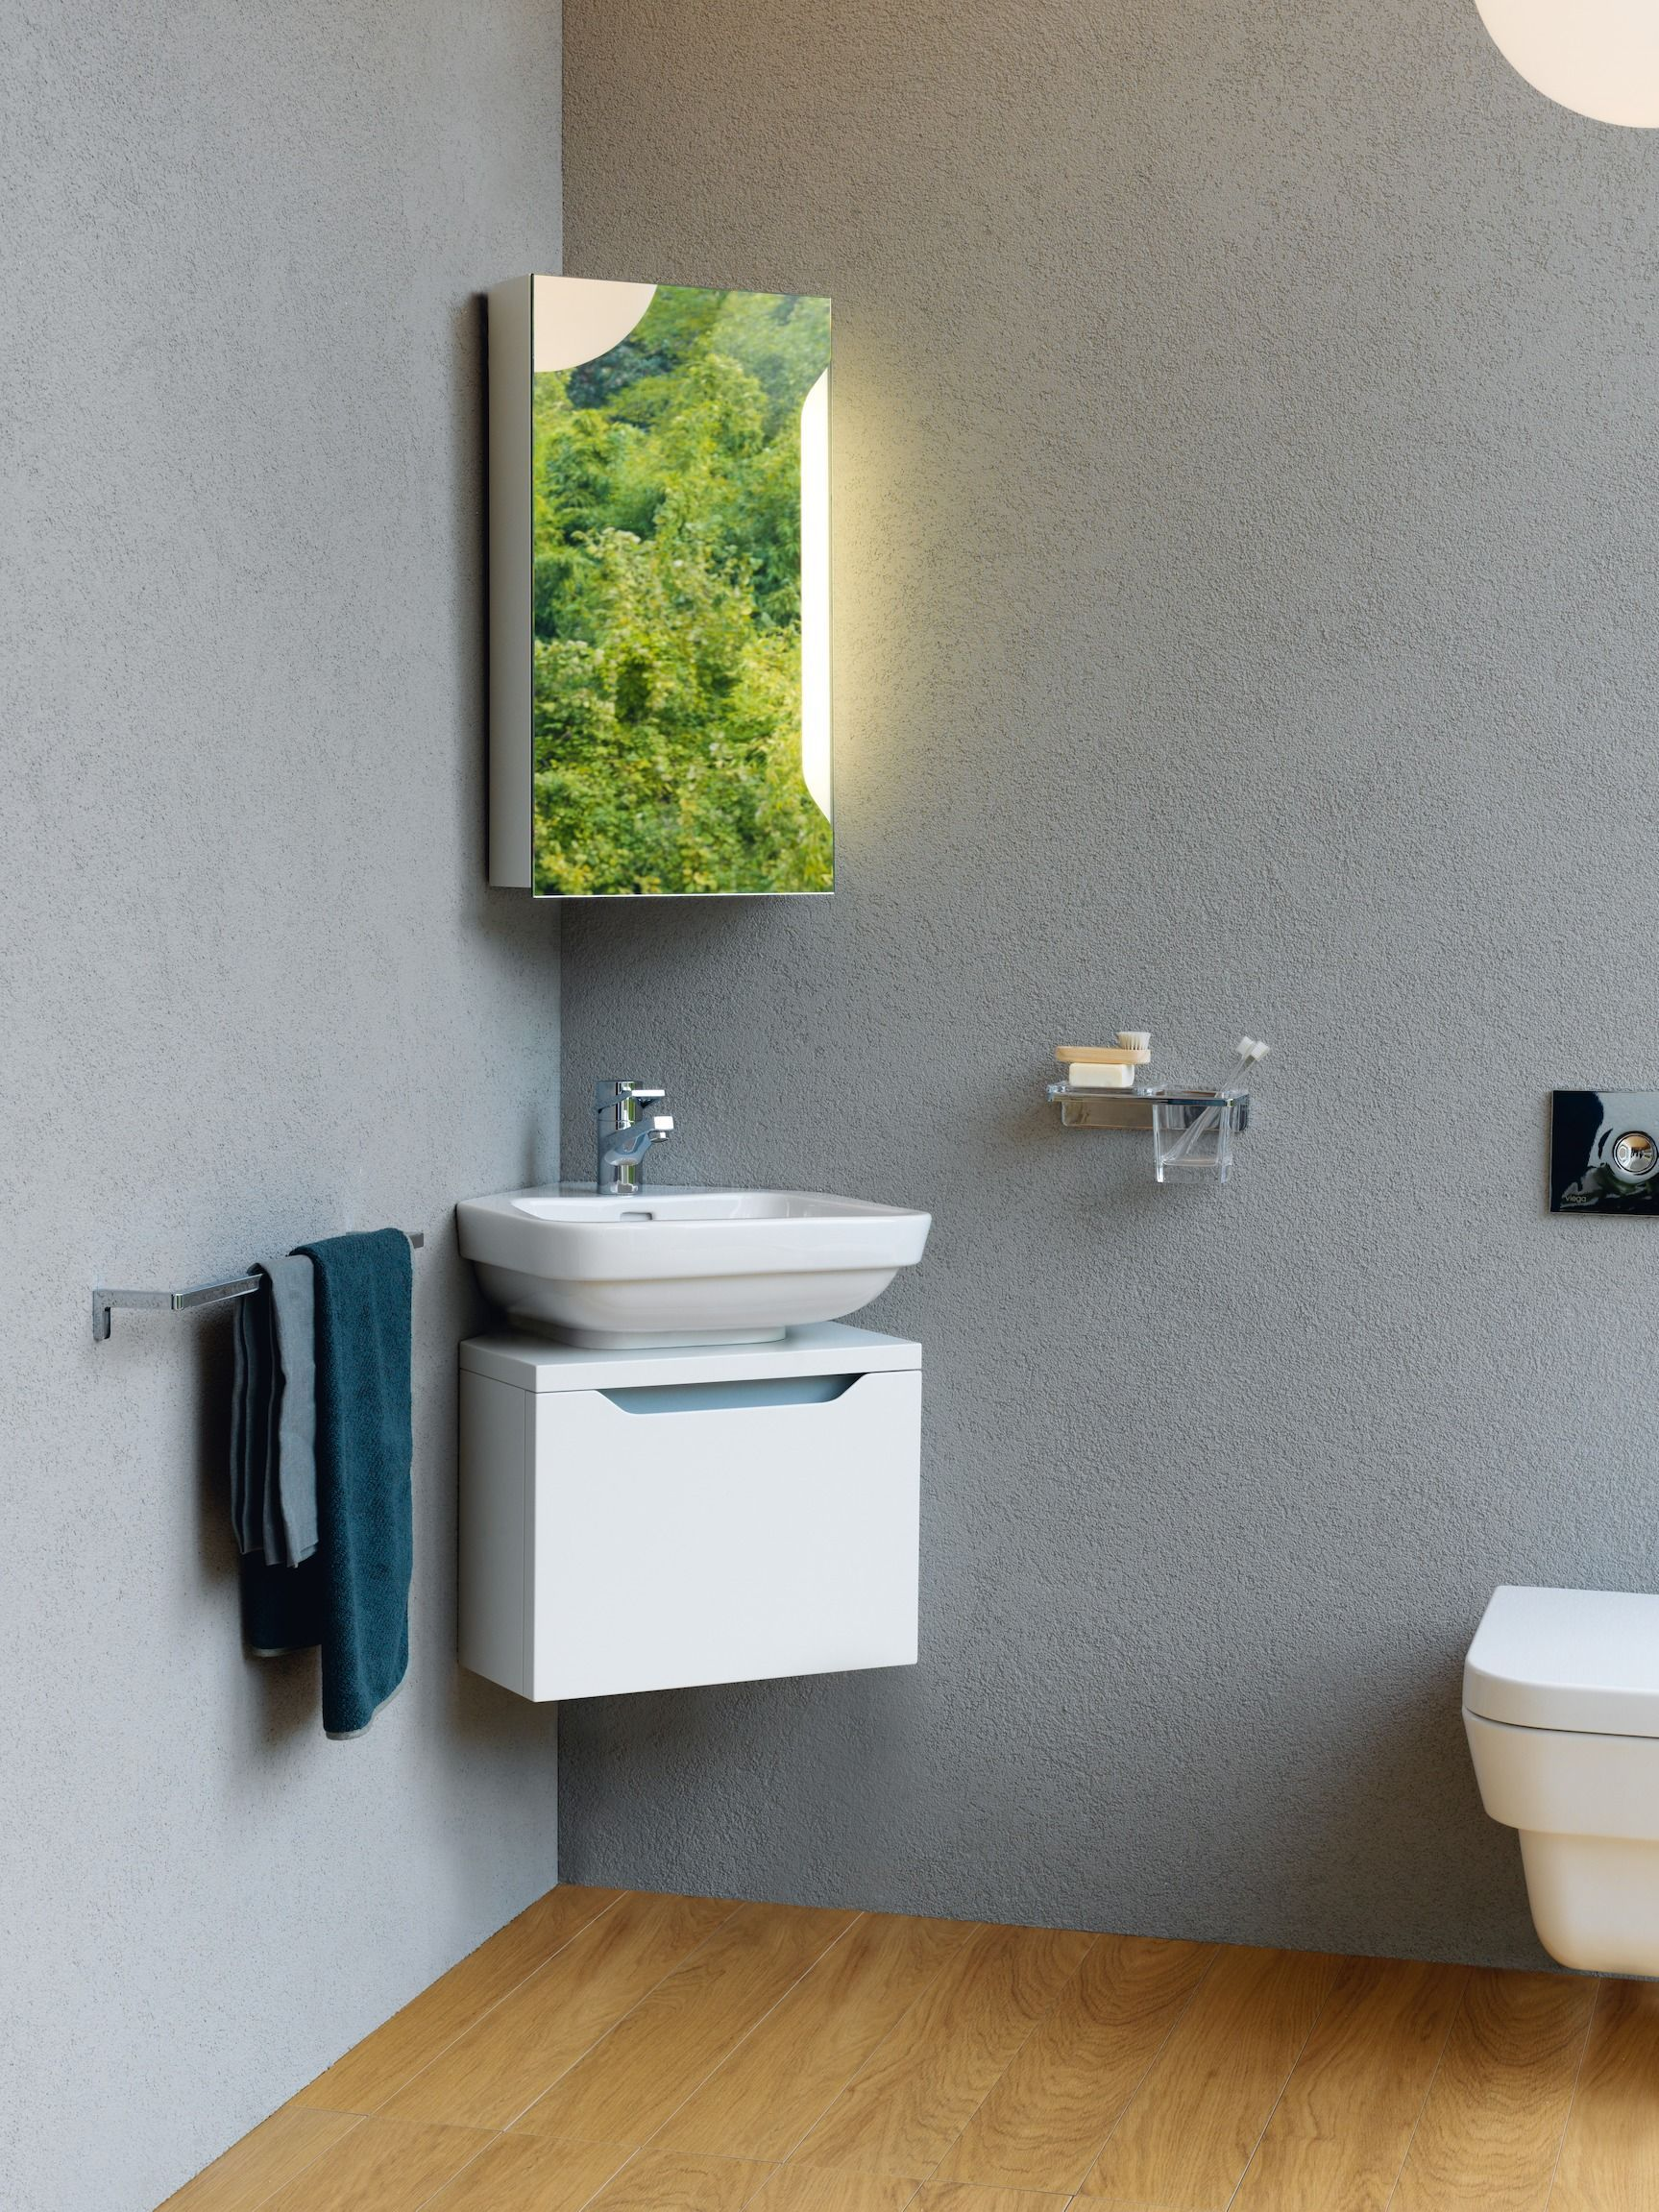 Waschbeckenunterschrank Mit Waschbecken Und Spiegel